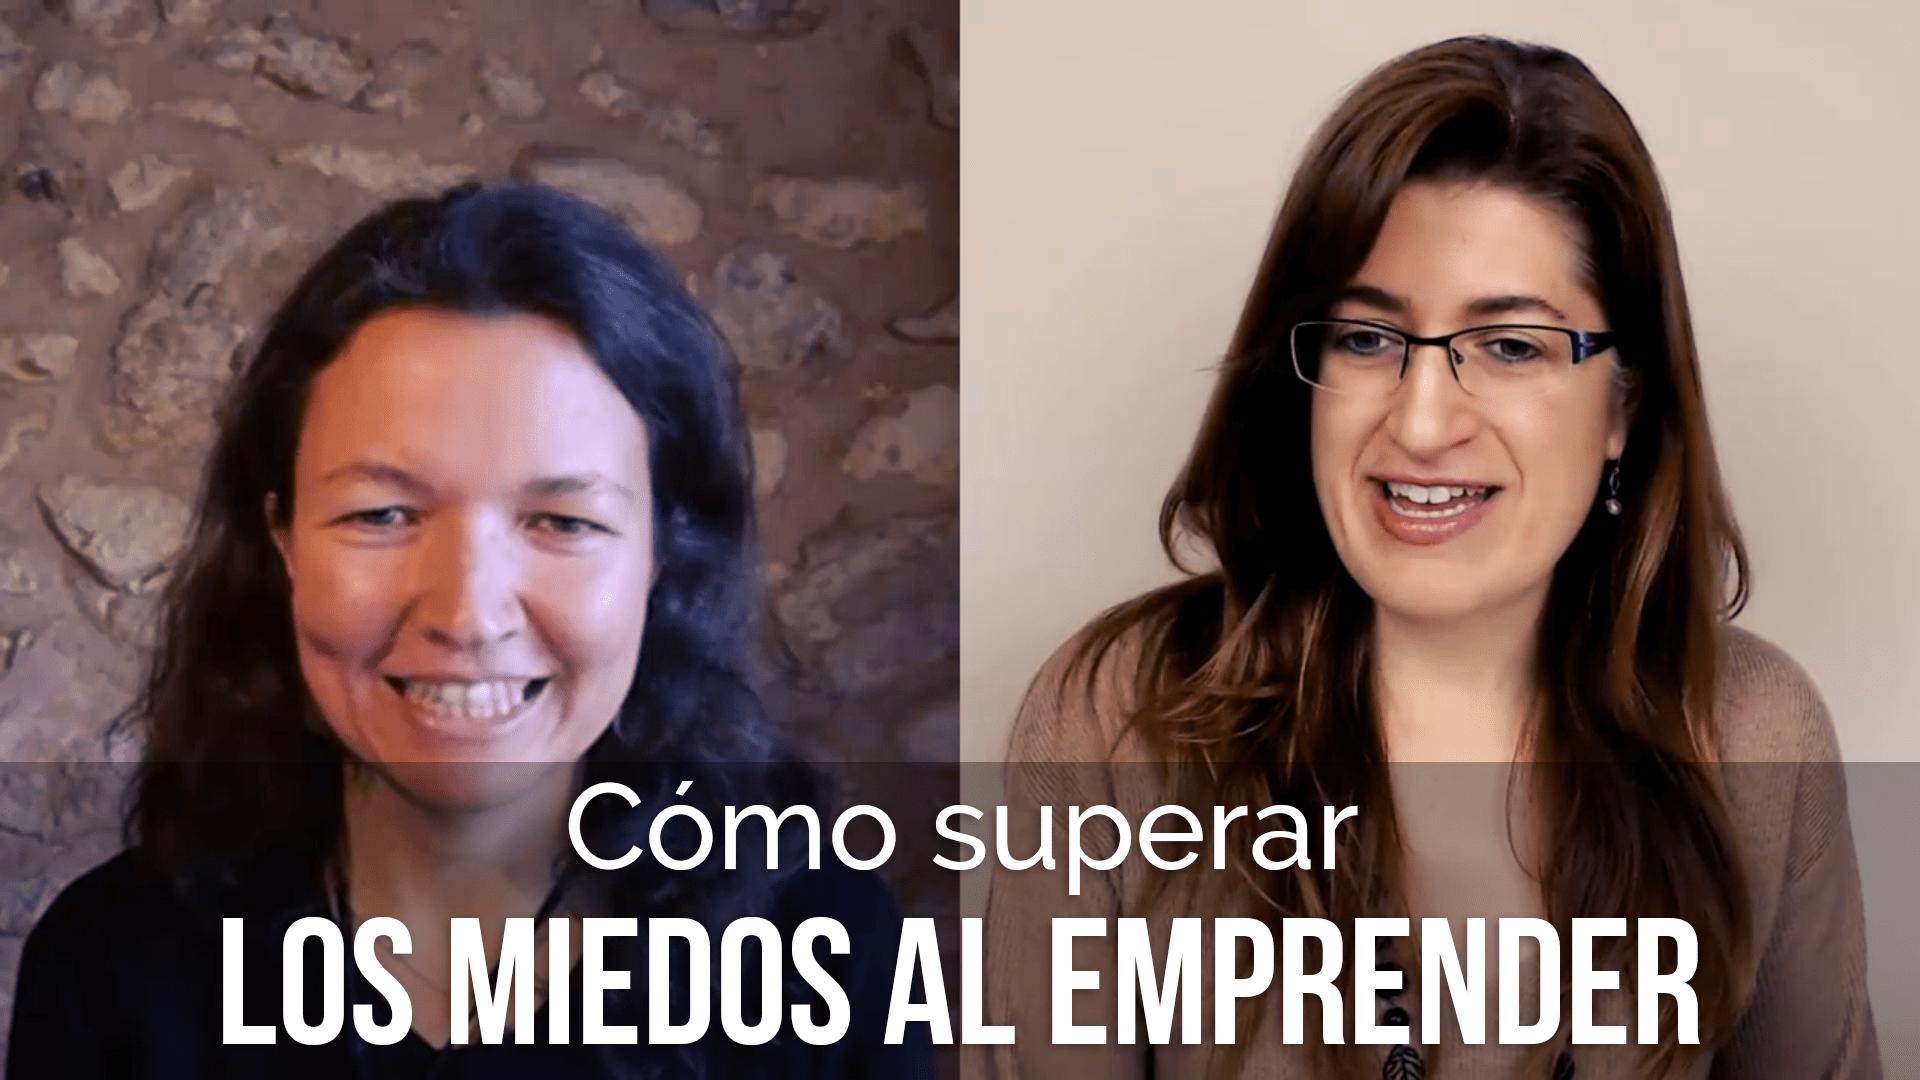 Cómo superar los miedos al emprender - entrevista Cristina Ramón